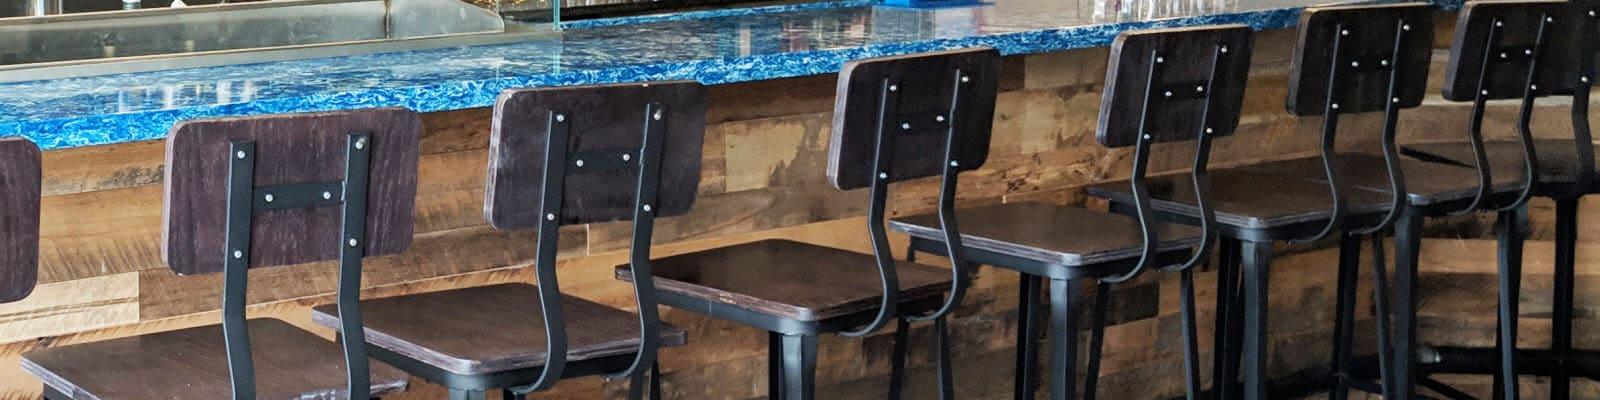 Wood and metal bar stools